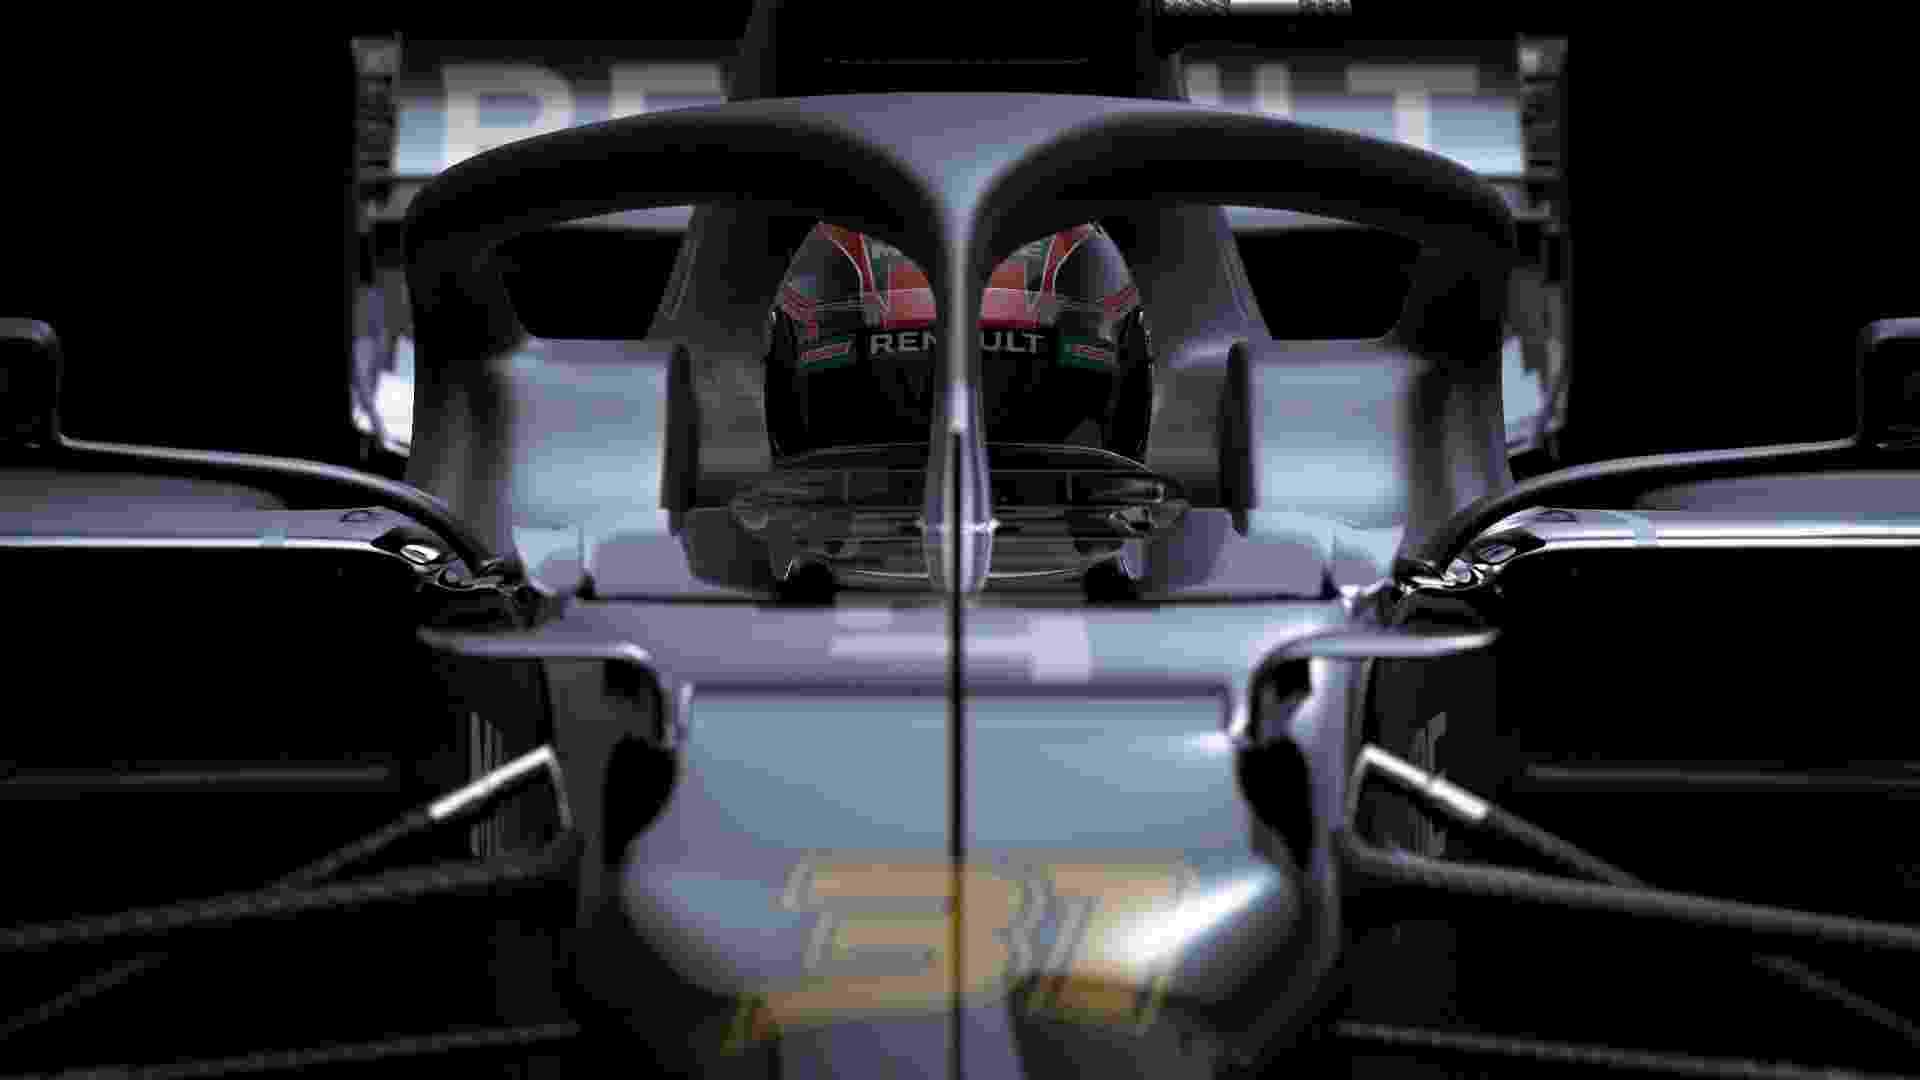 O carro só deverá ir à pista na semana que vem, nos testes coletivos - Divulgação/Renault